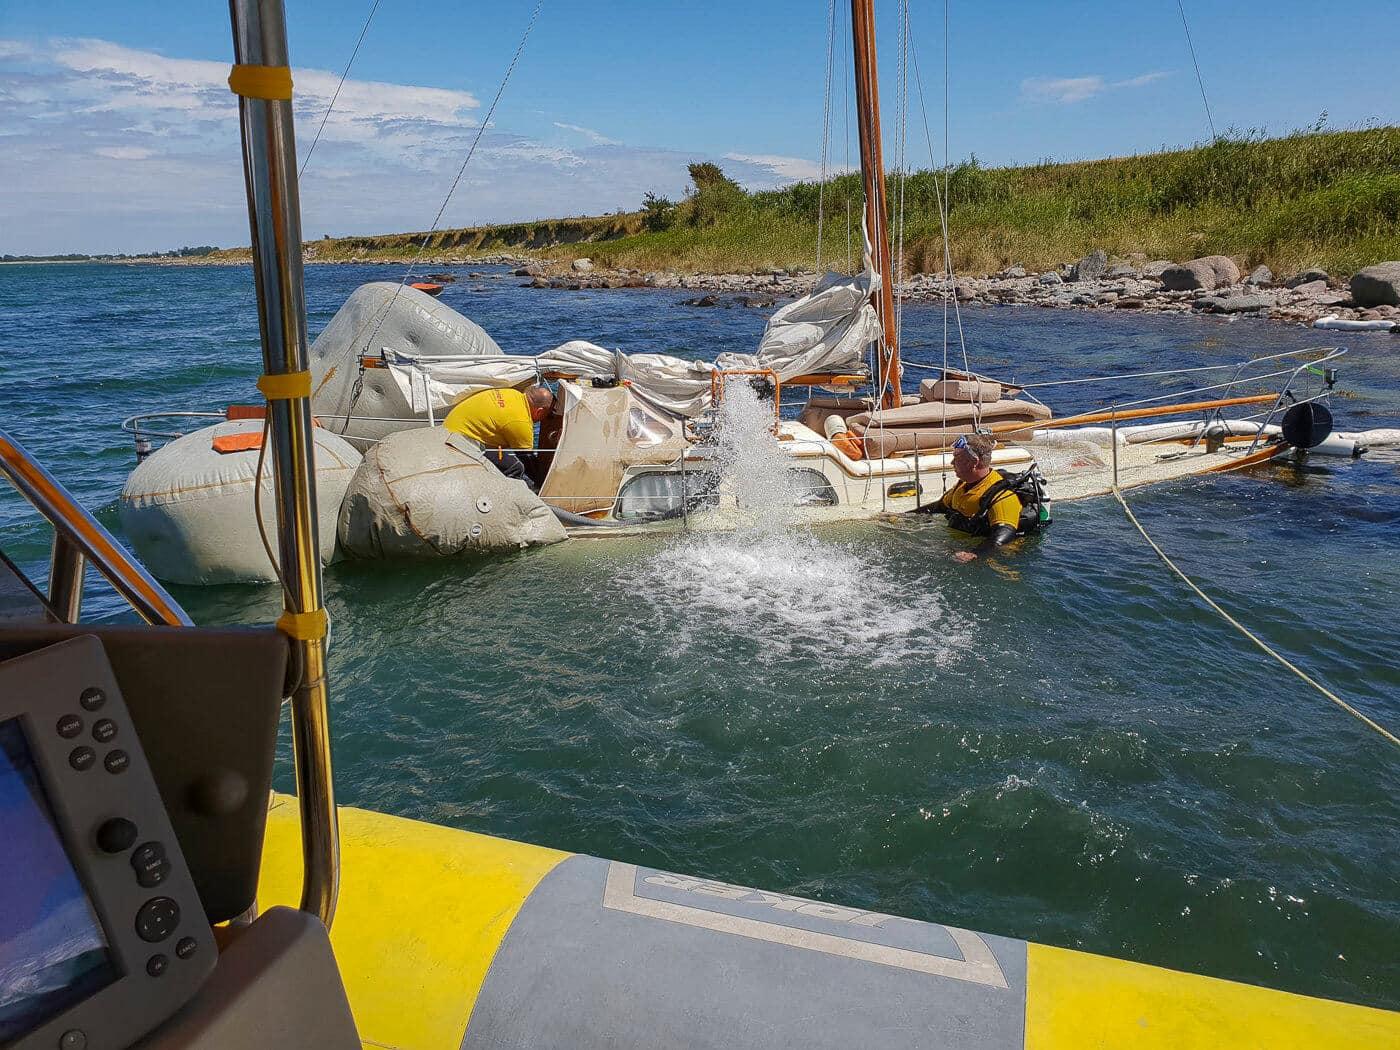 Successful salvage off Heiligenhafen